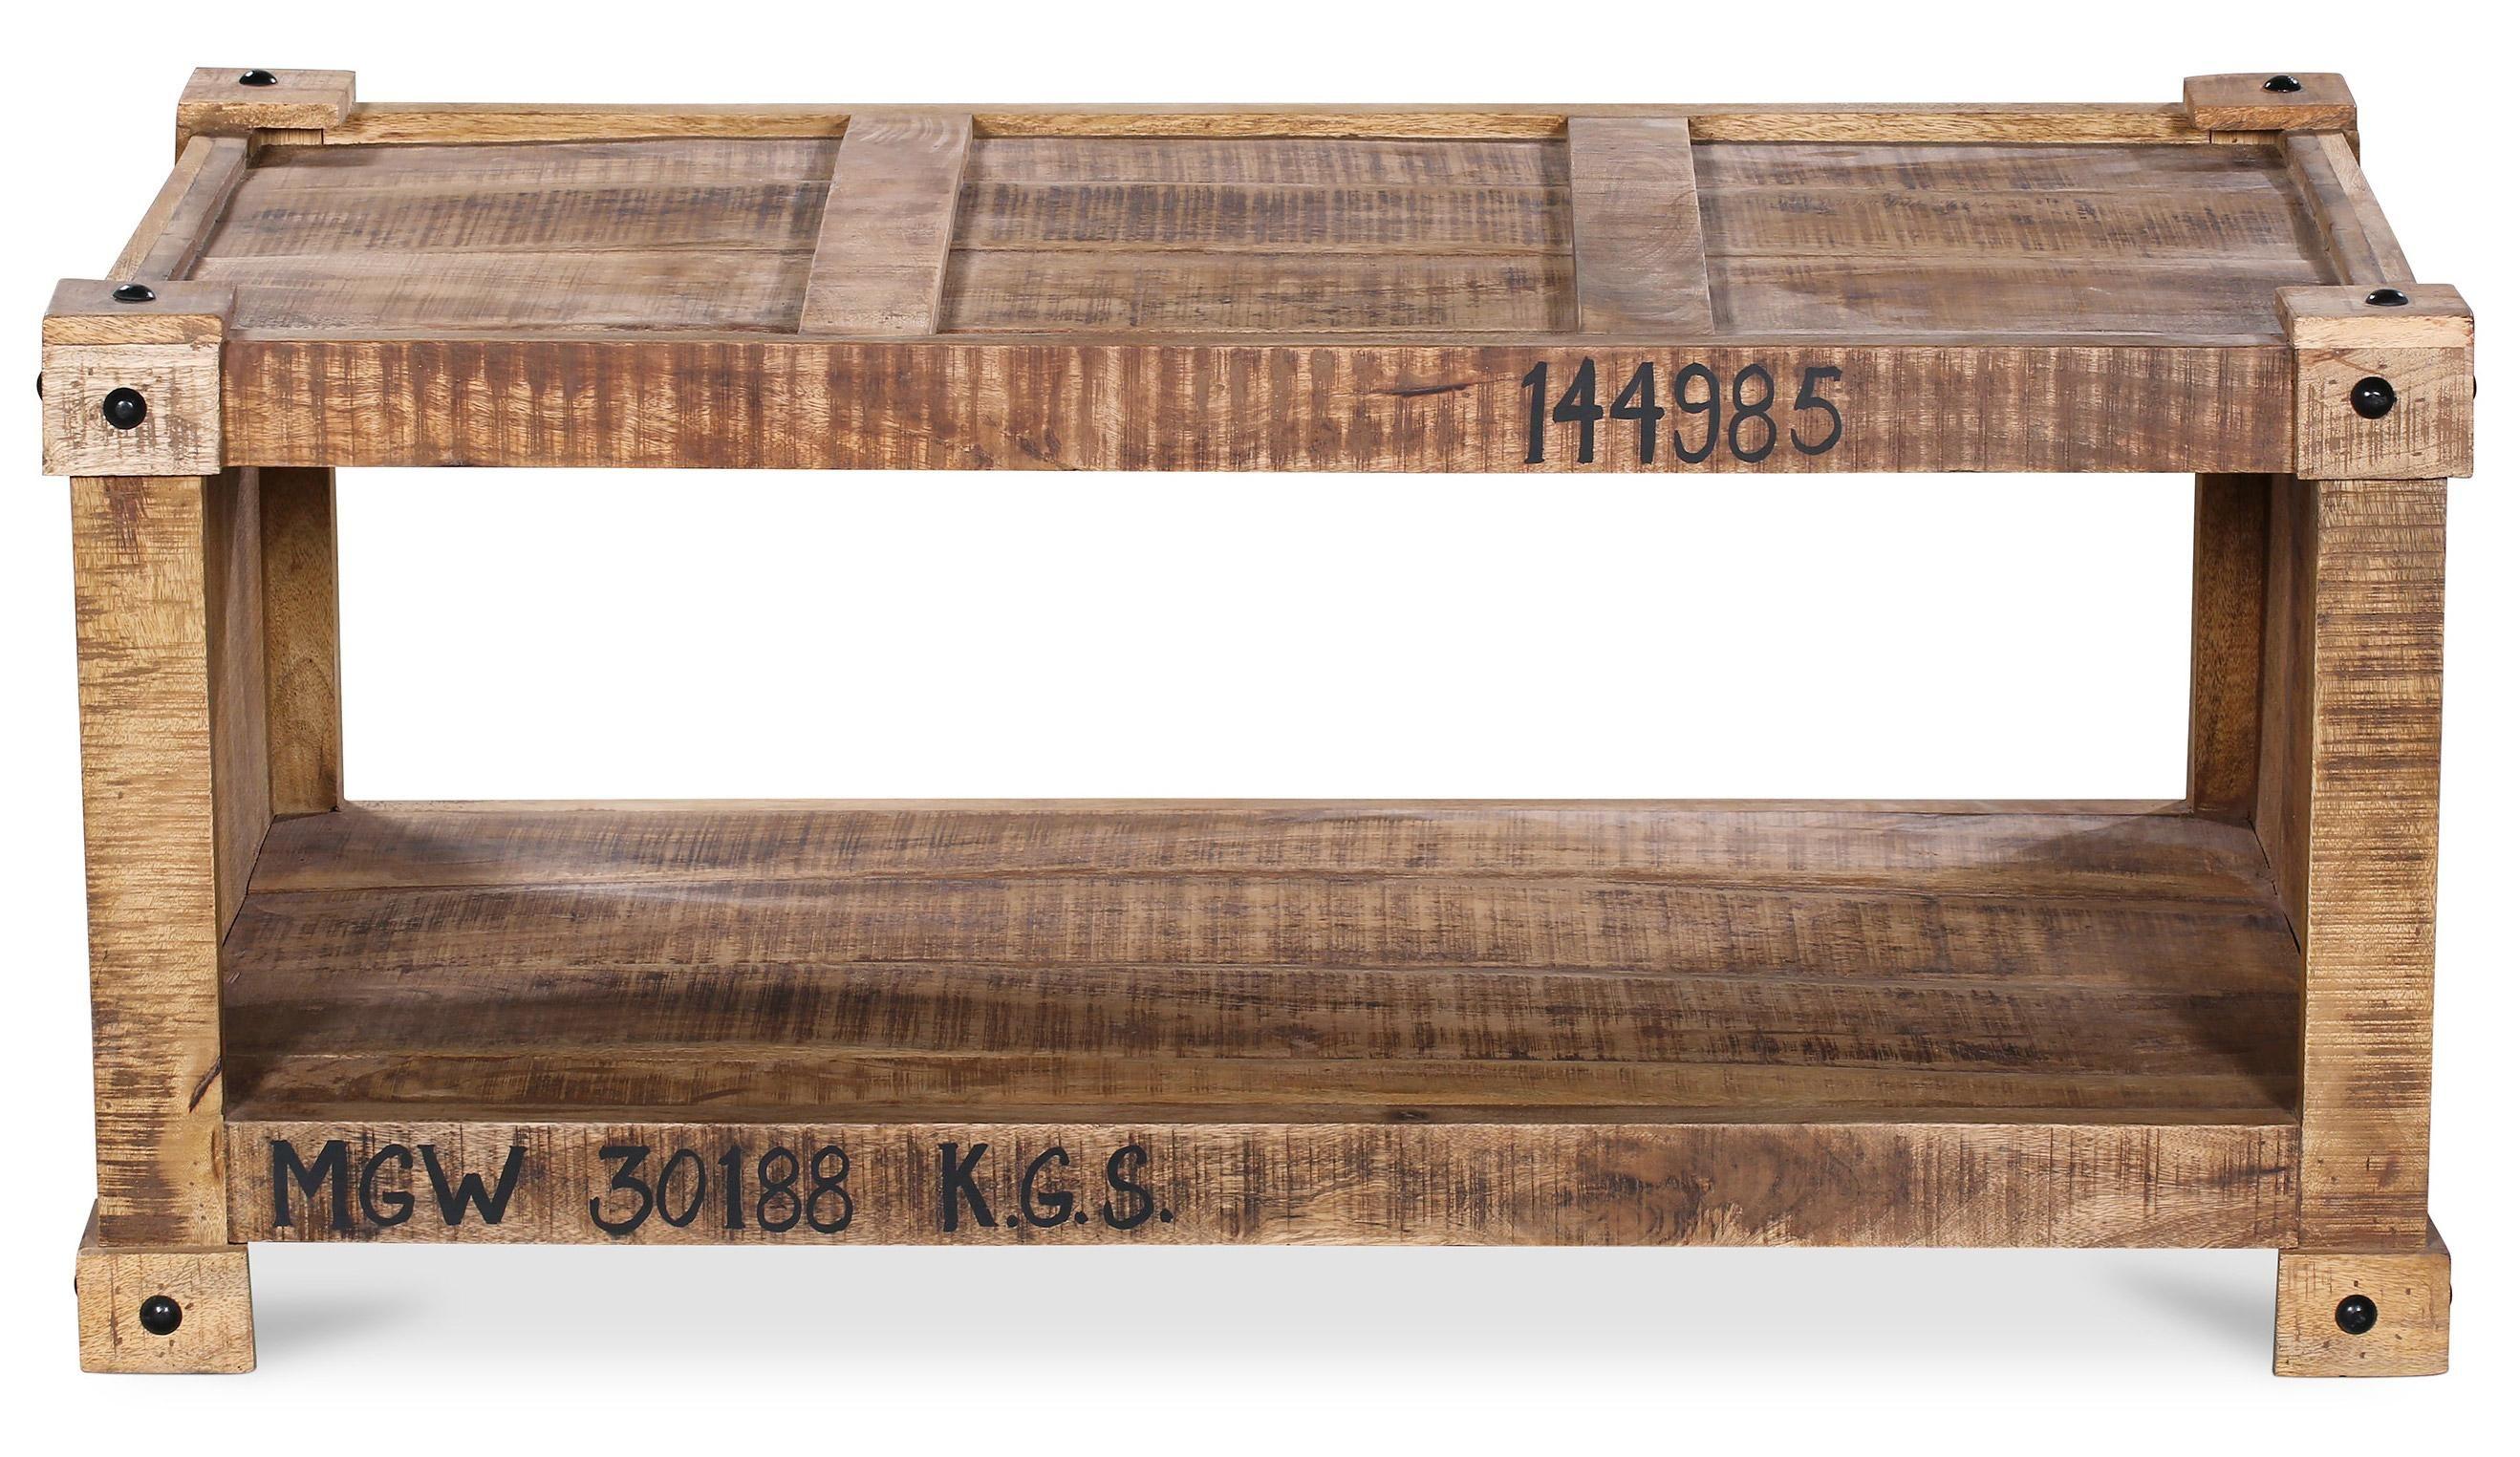 Porta Table Basse Rectangulaire En Bois De Manguier H50 X L110 X P60 Cm Lestendances 288 85 Table Basse Rectangulaire Table Basse Table Basse Bois